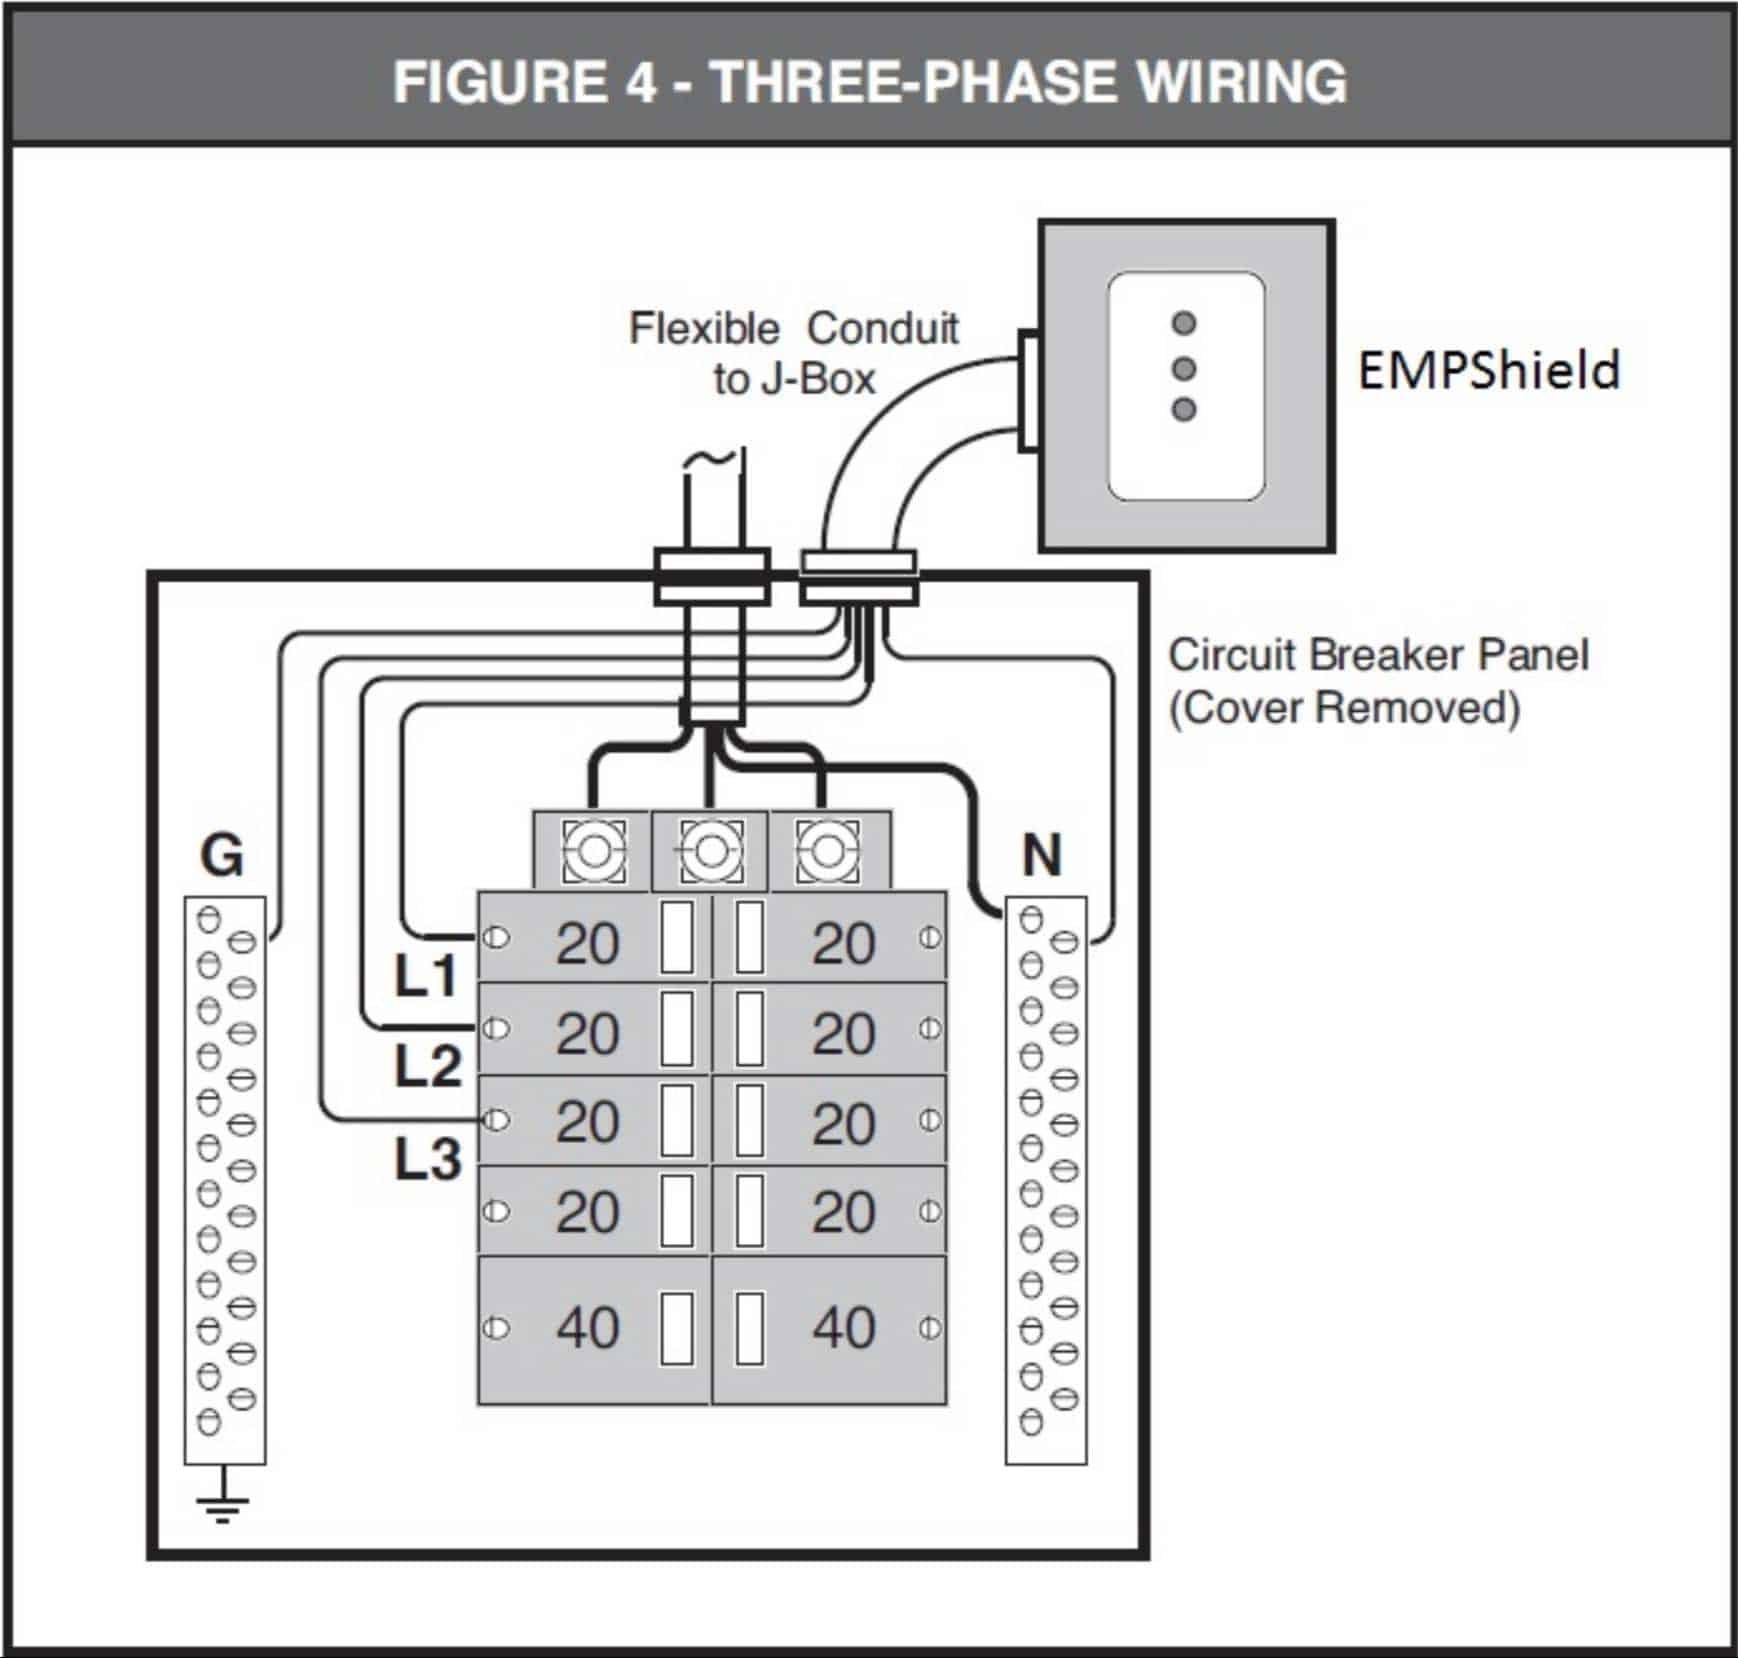 EMPShield Wiring Schematic